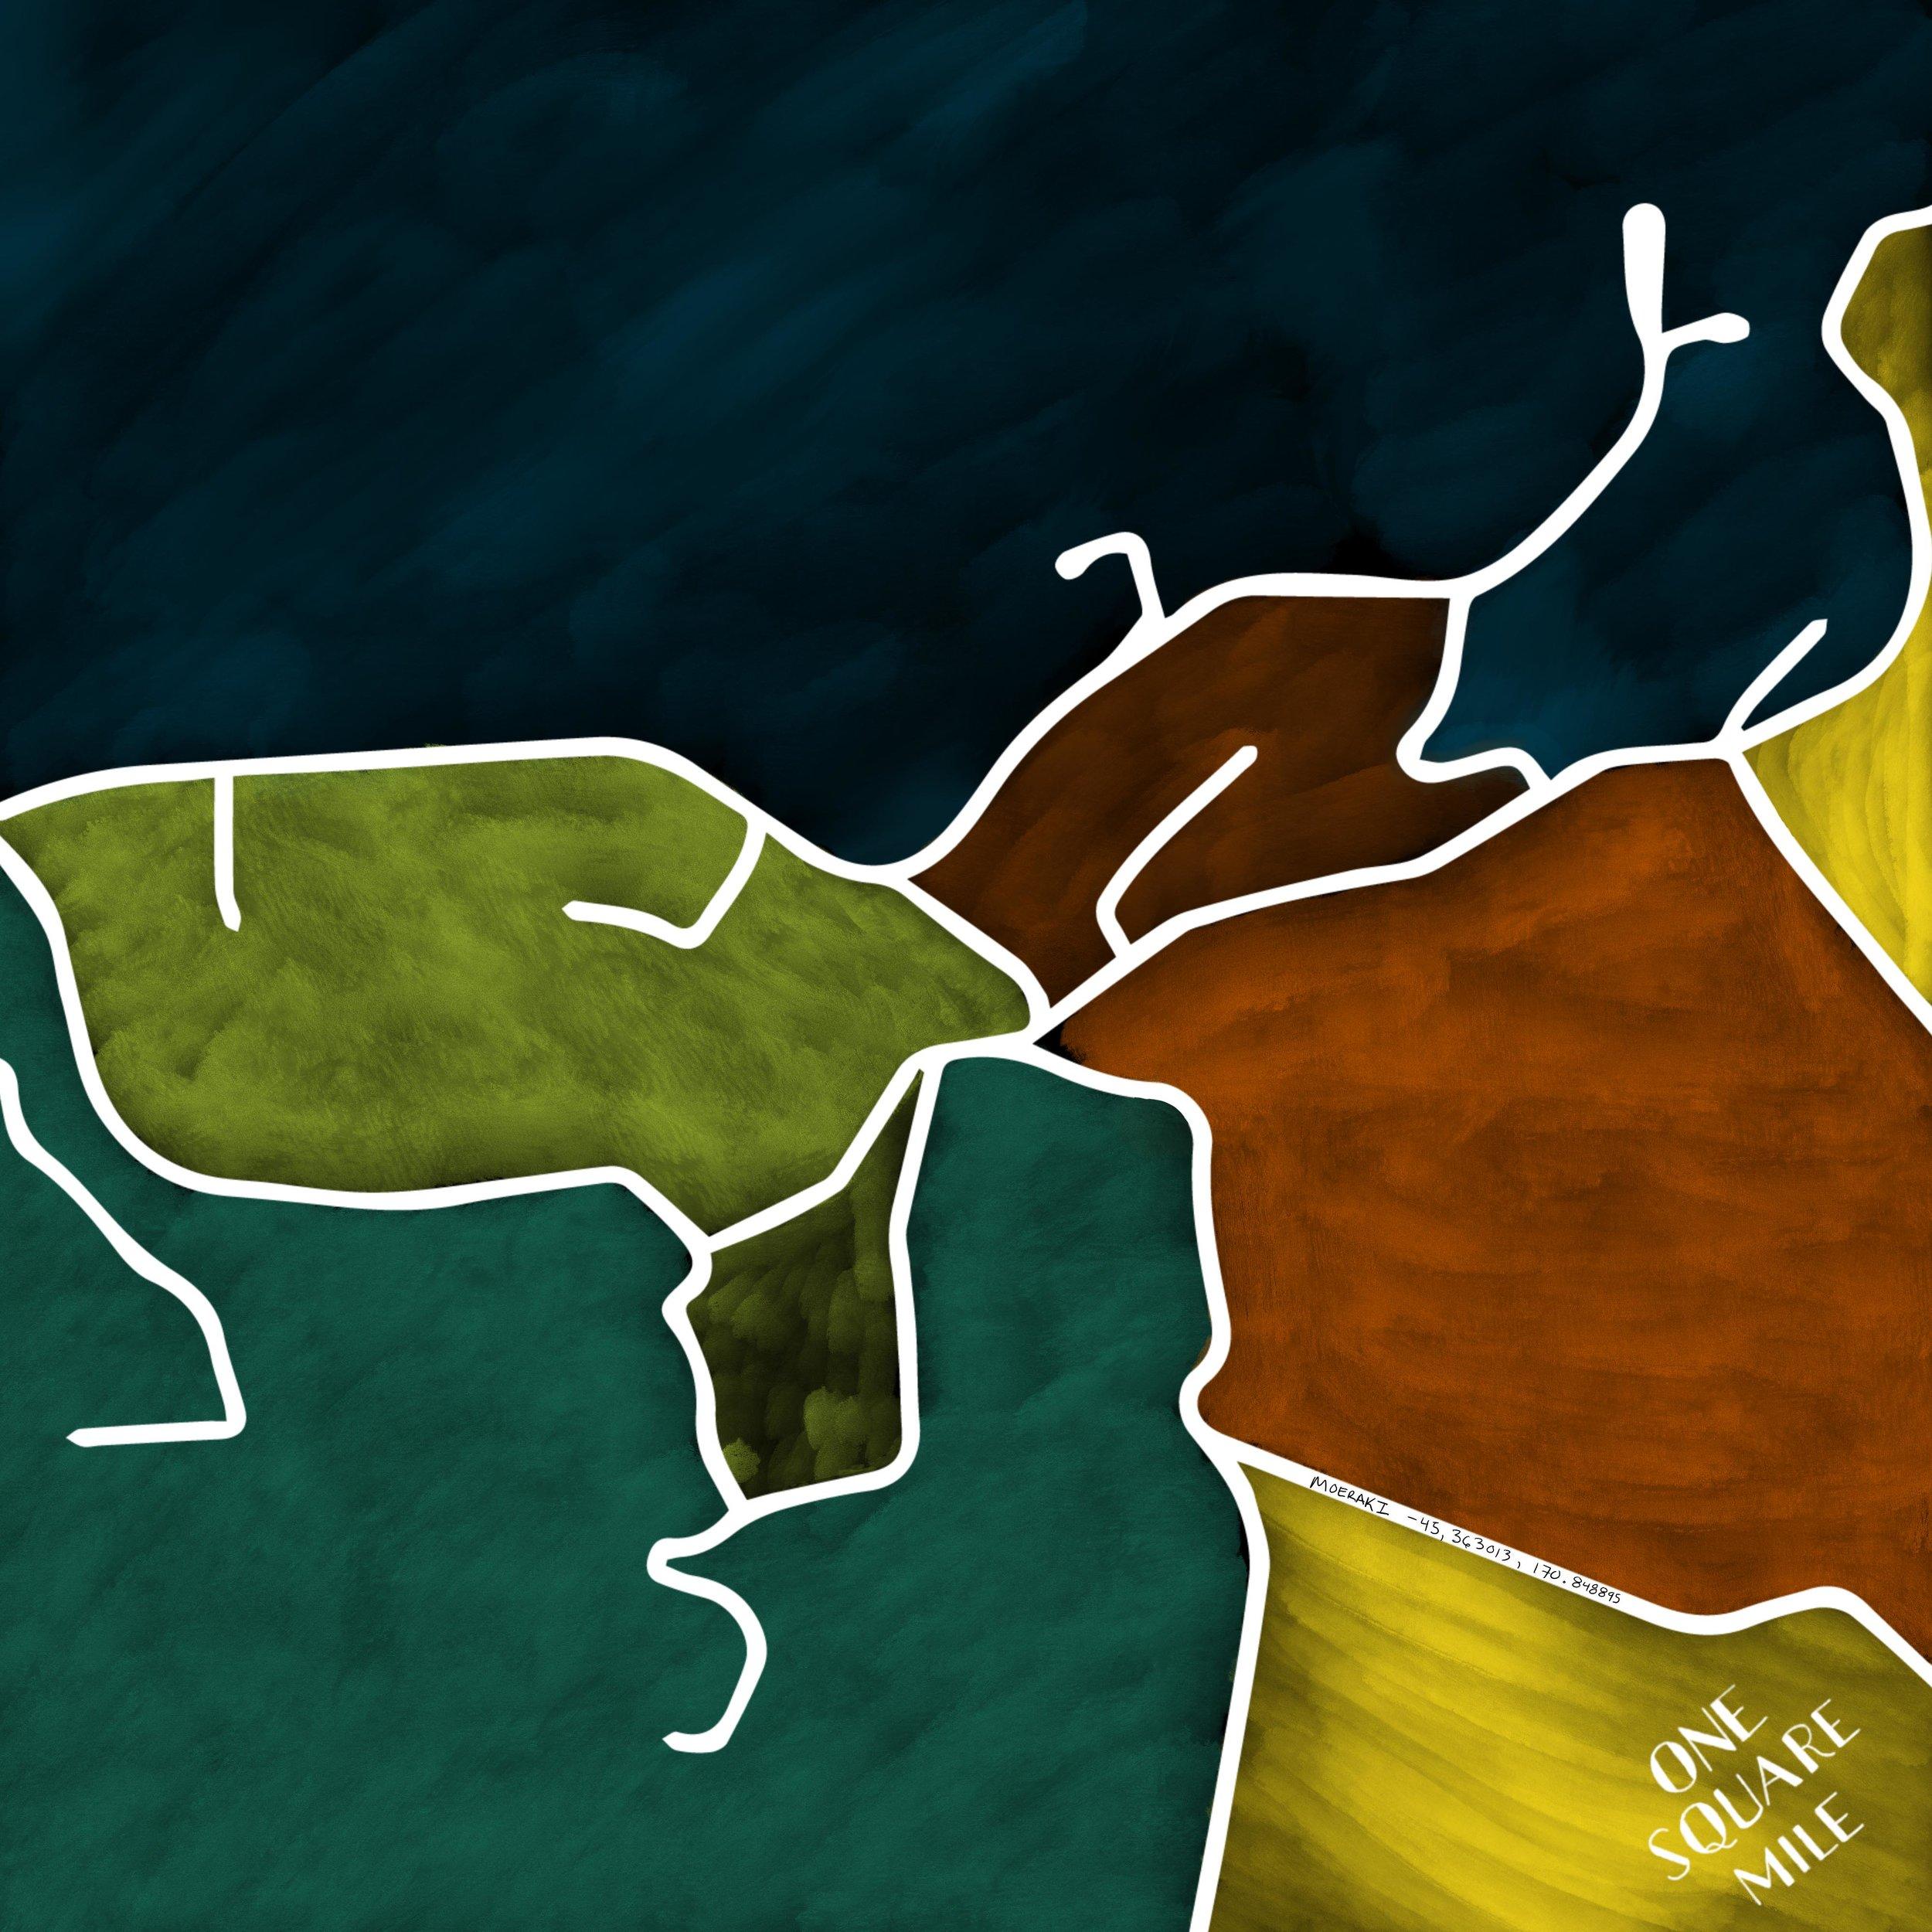 Digital Artwork: Moeraki Version 2